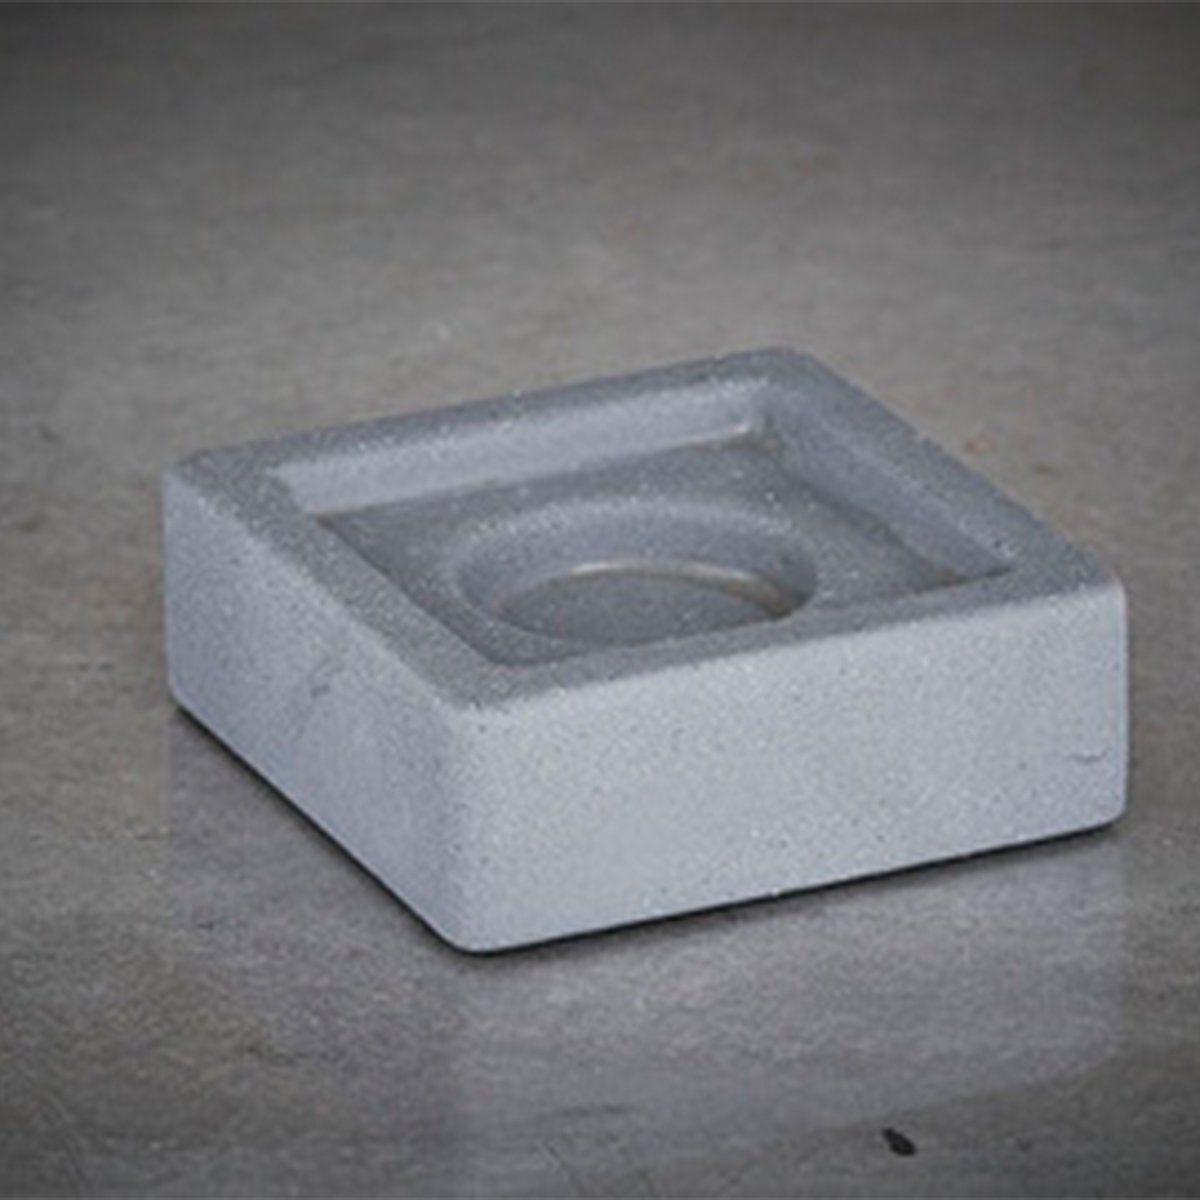 CULTDESIGN Cult Design Kerzenhalter Change Ruff 10 x 10 cm